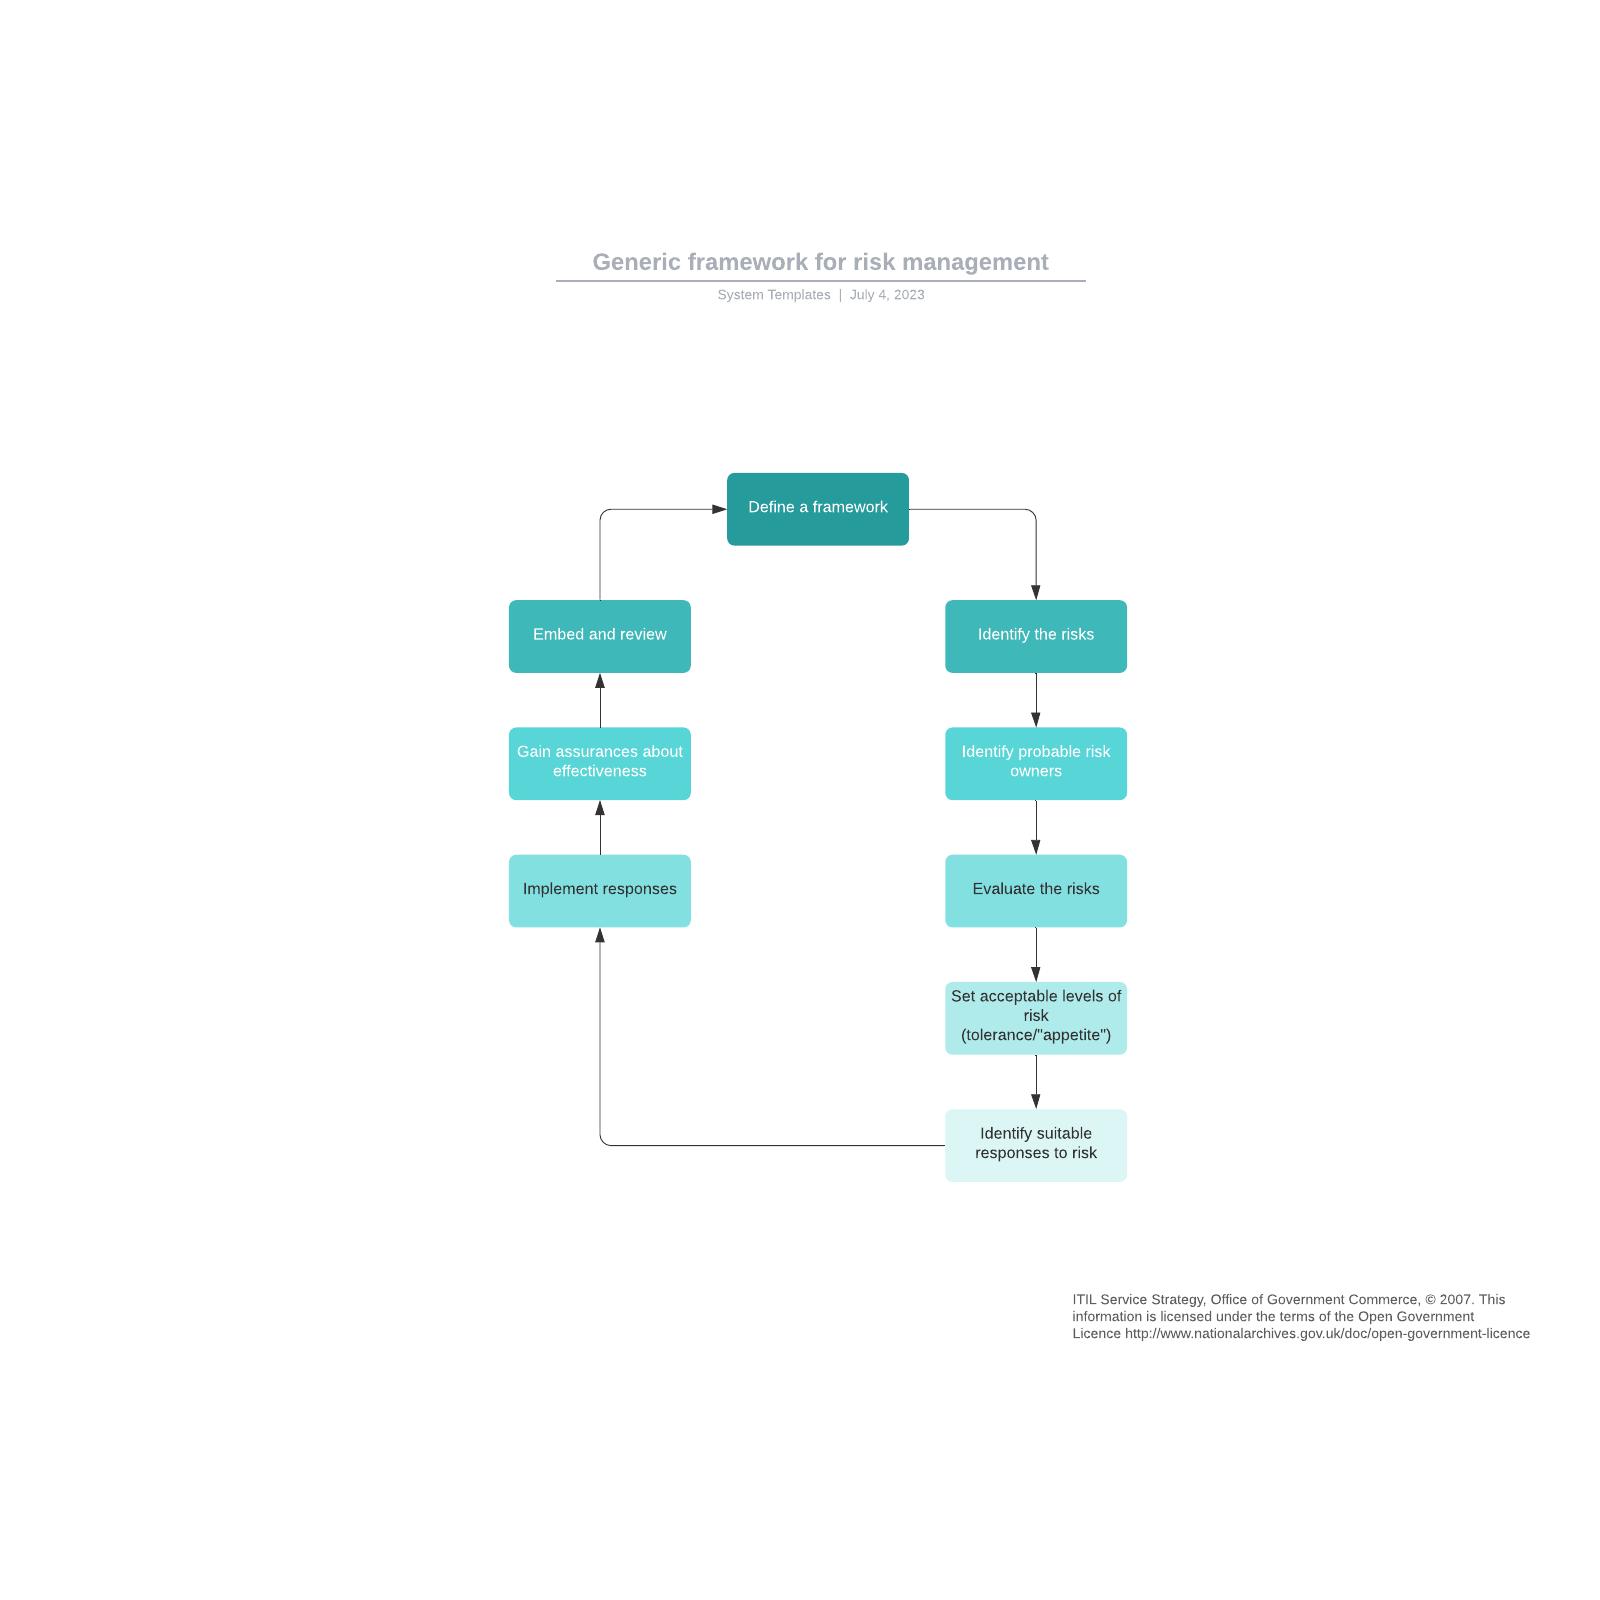 Generic framework for risk management